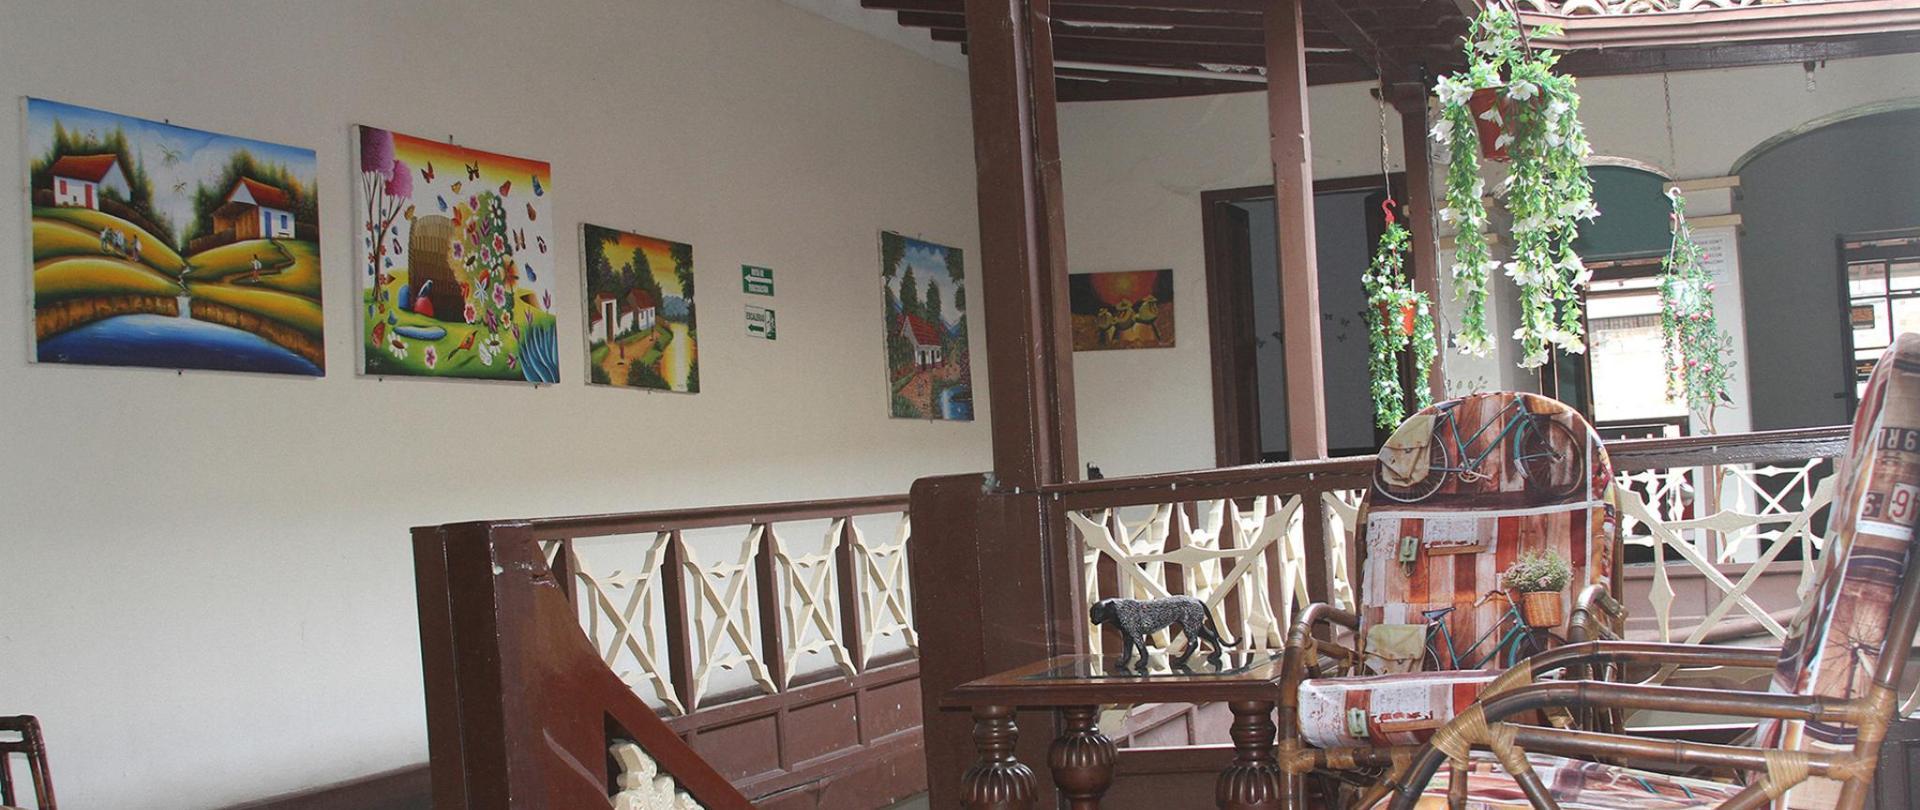 Balcony Casona Don Juan11.JPG